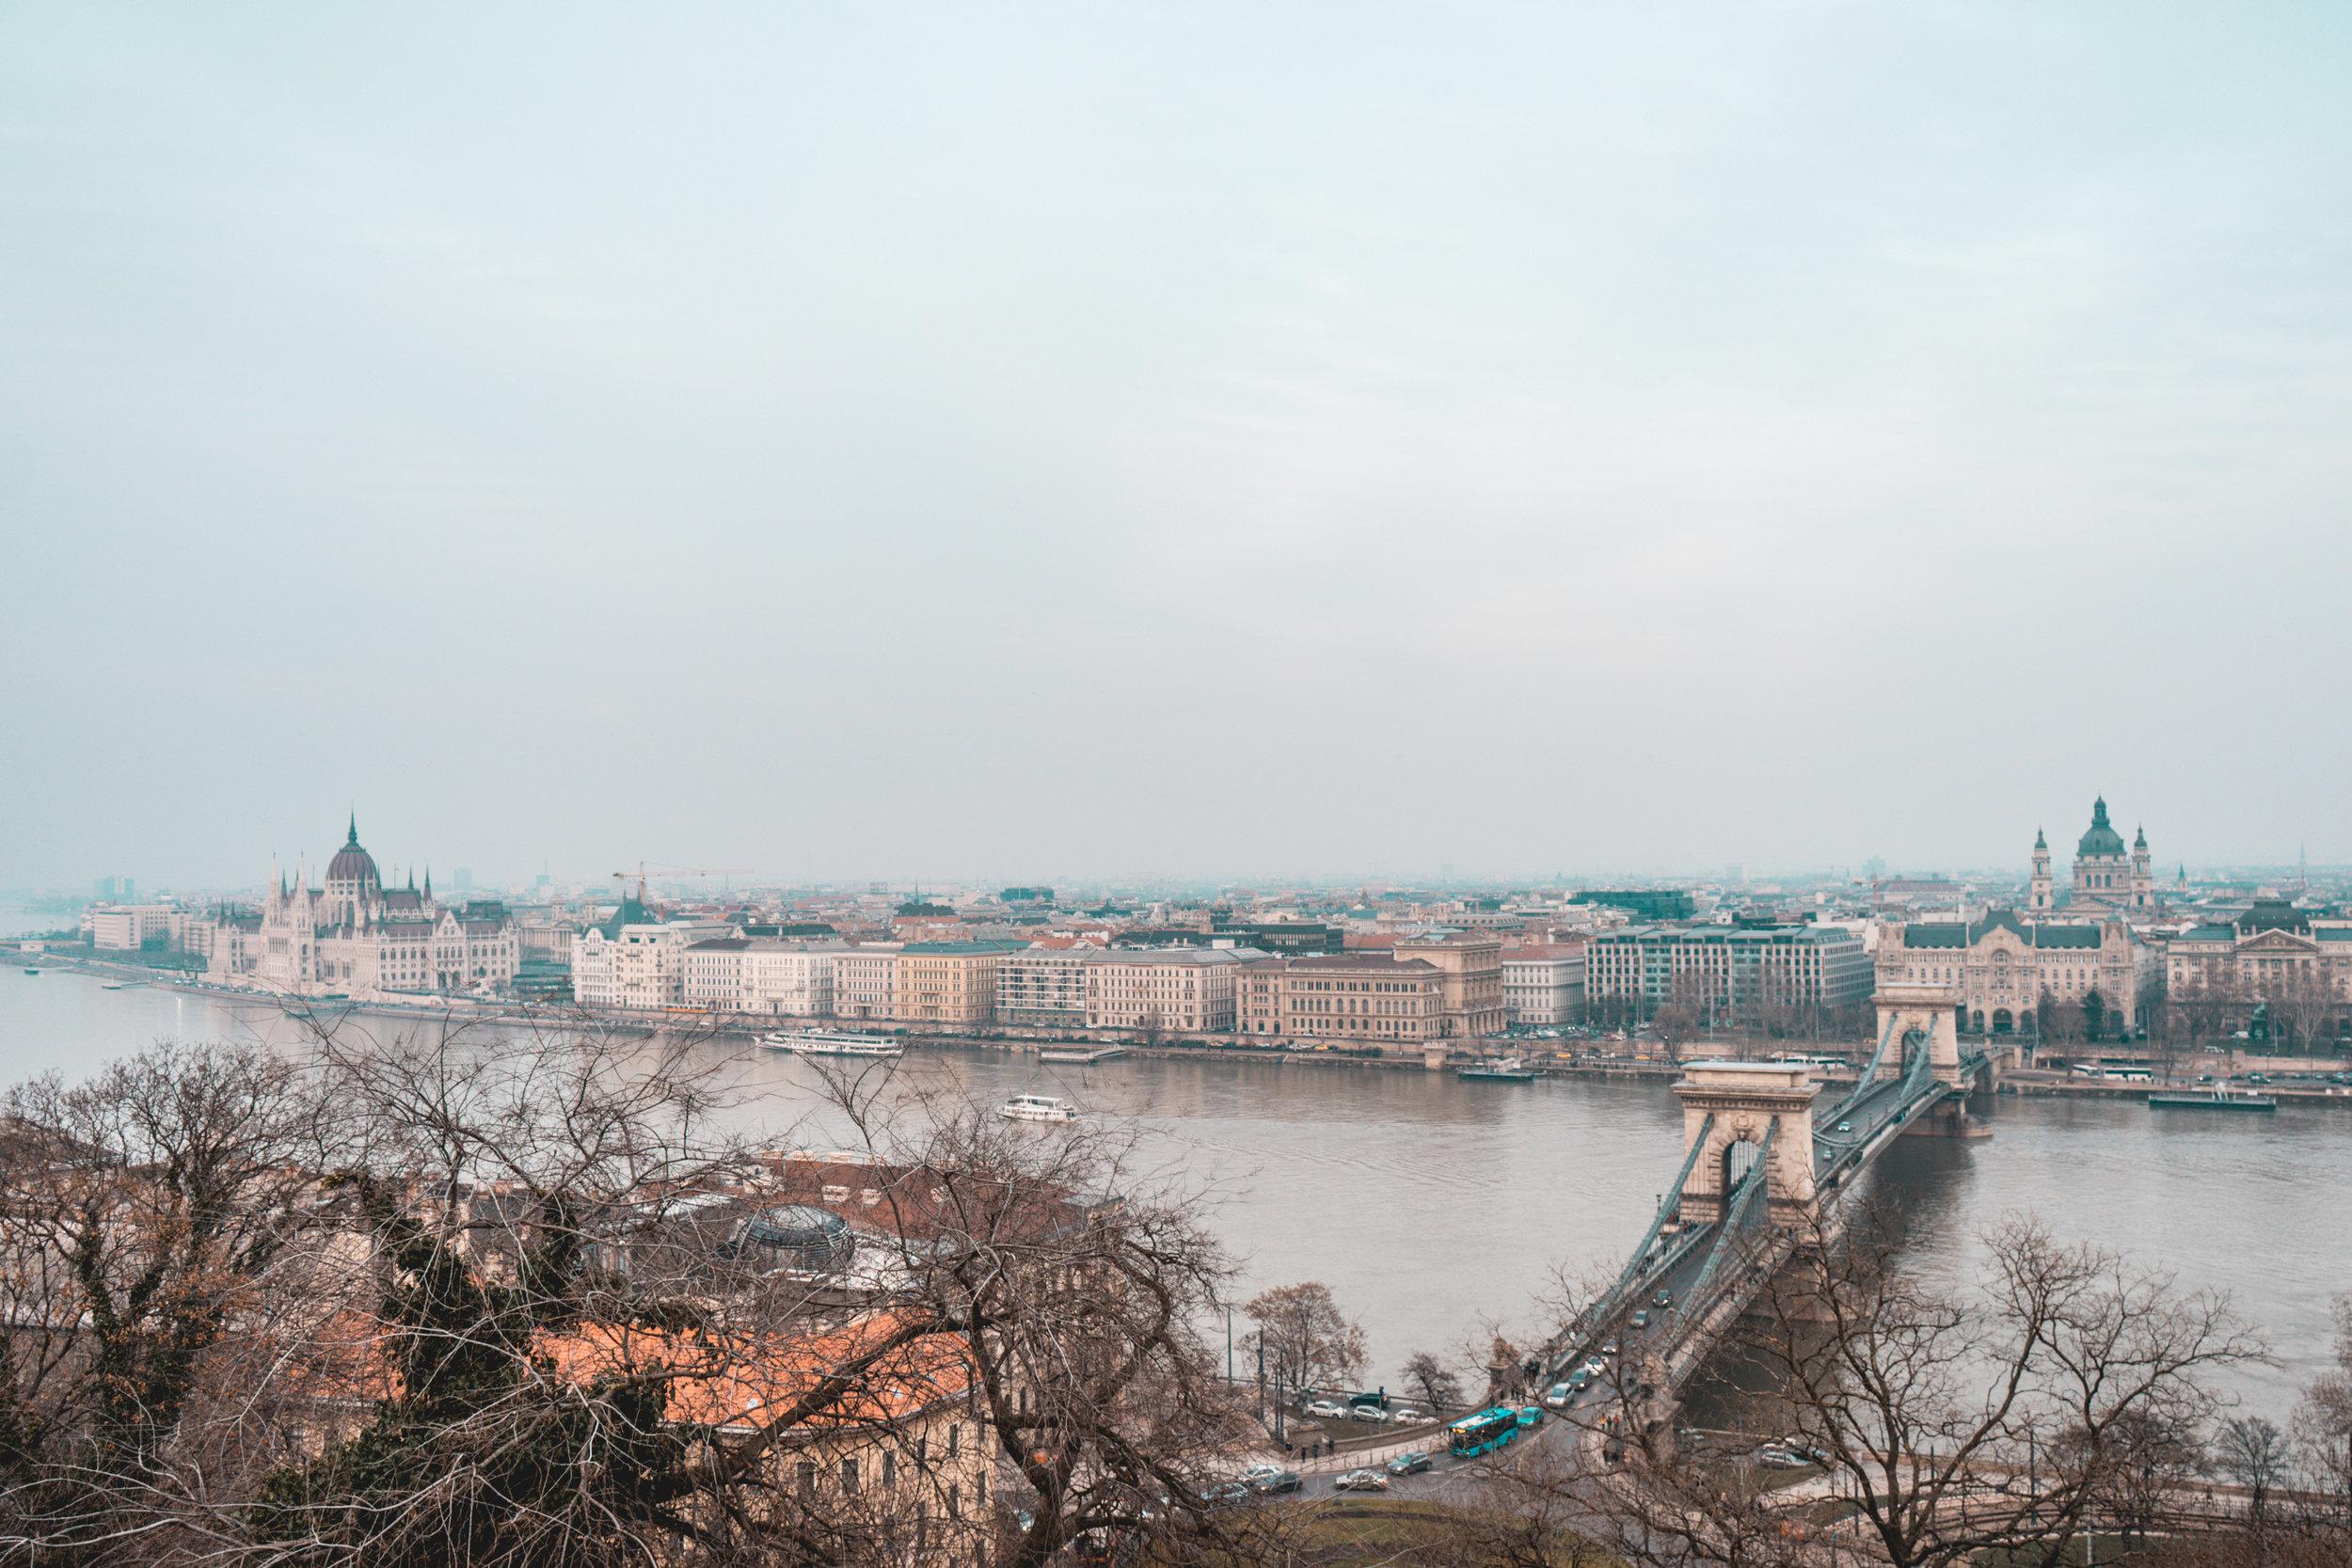 Ecco il panorama più fotografato della città: la vista scattata dalla parte alta di Buda.